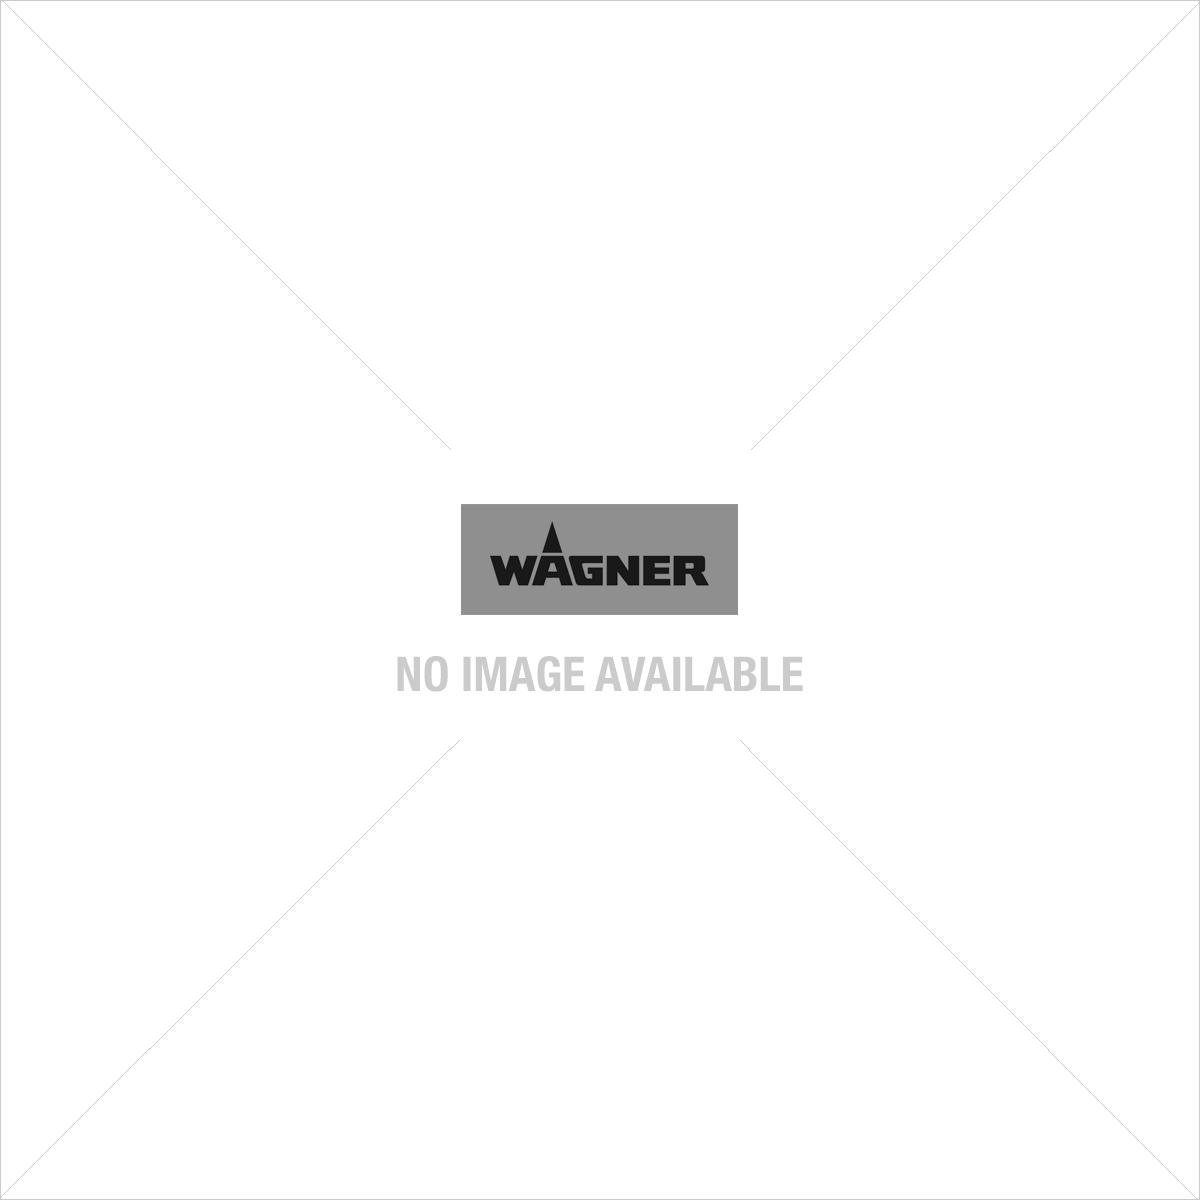 Beker 800 ml Airless Wagner